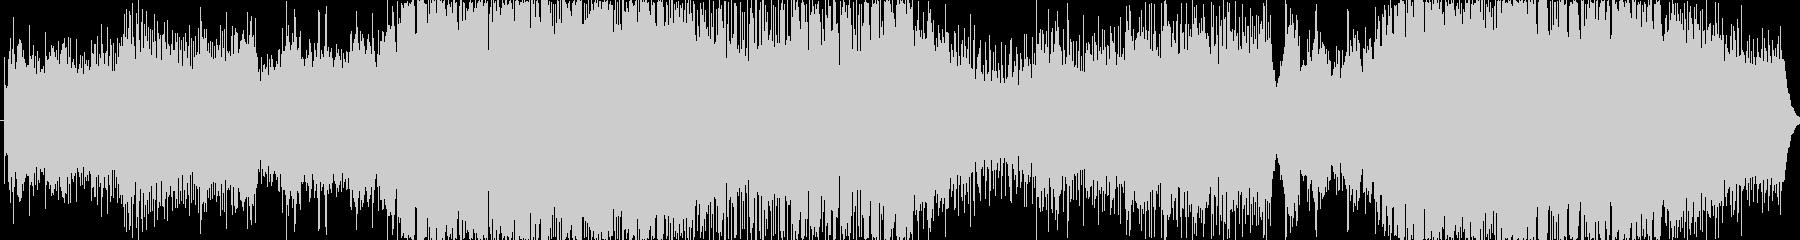 メロディアスなストリングスの OP曲の未再生の波形